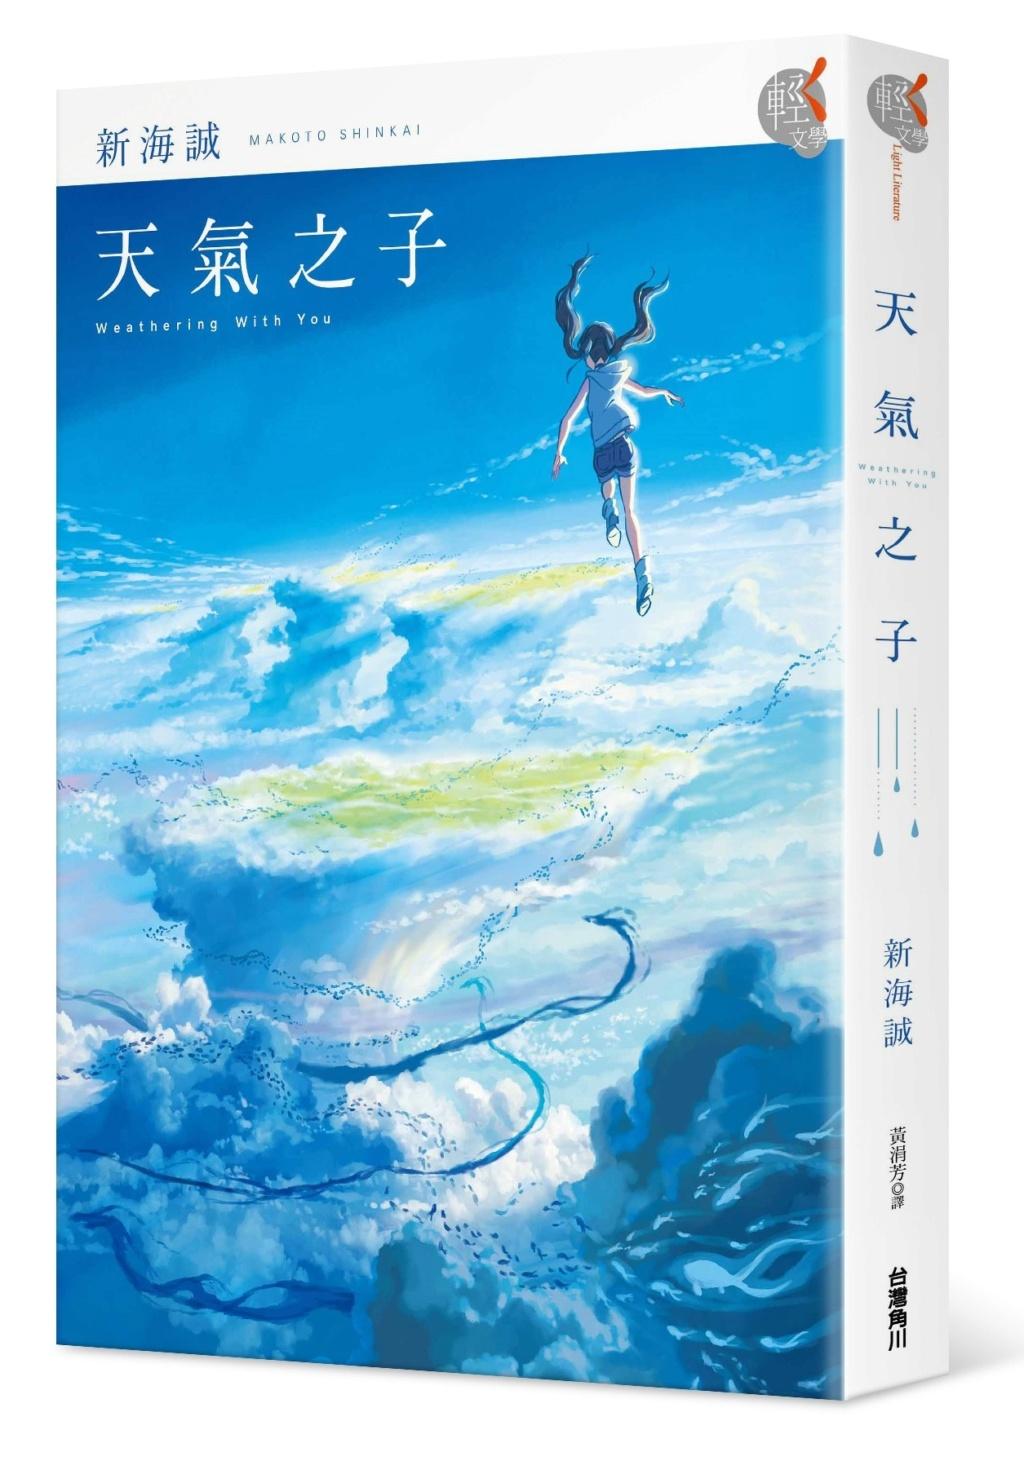 天氣之子 - 電影《天氣之子》新海誠原作小說 各版本特典公開!8/27預購開跑 343